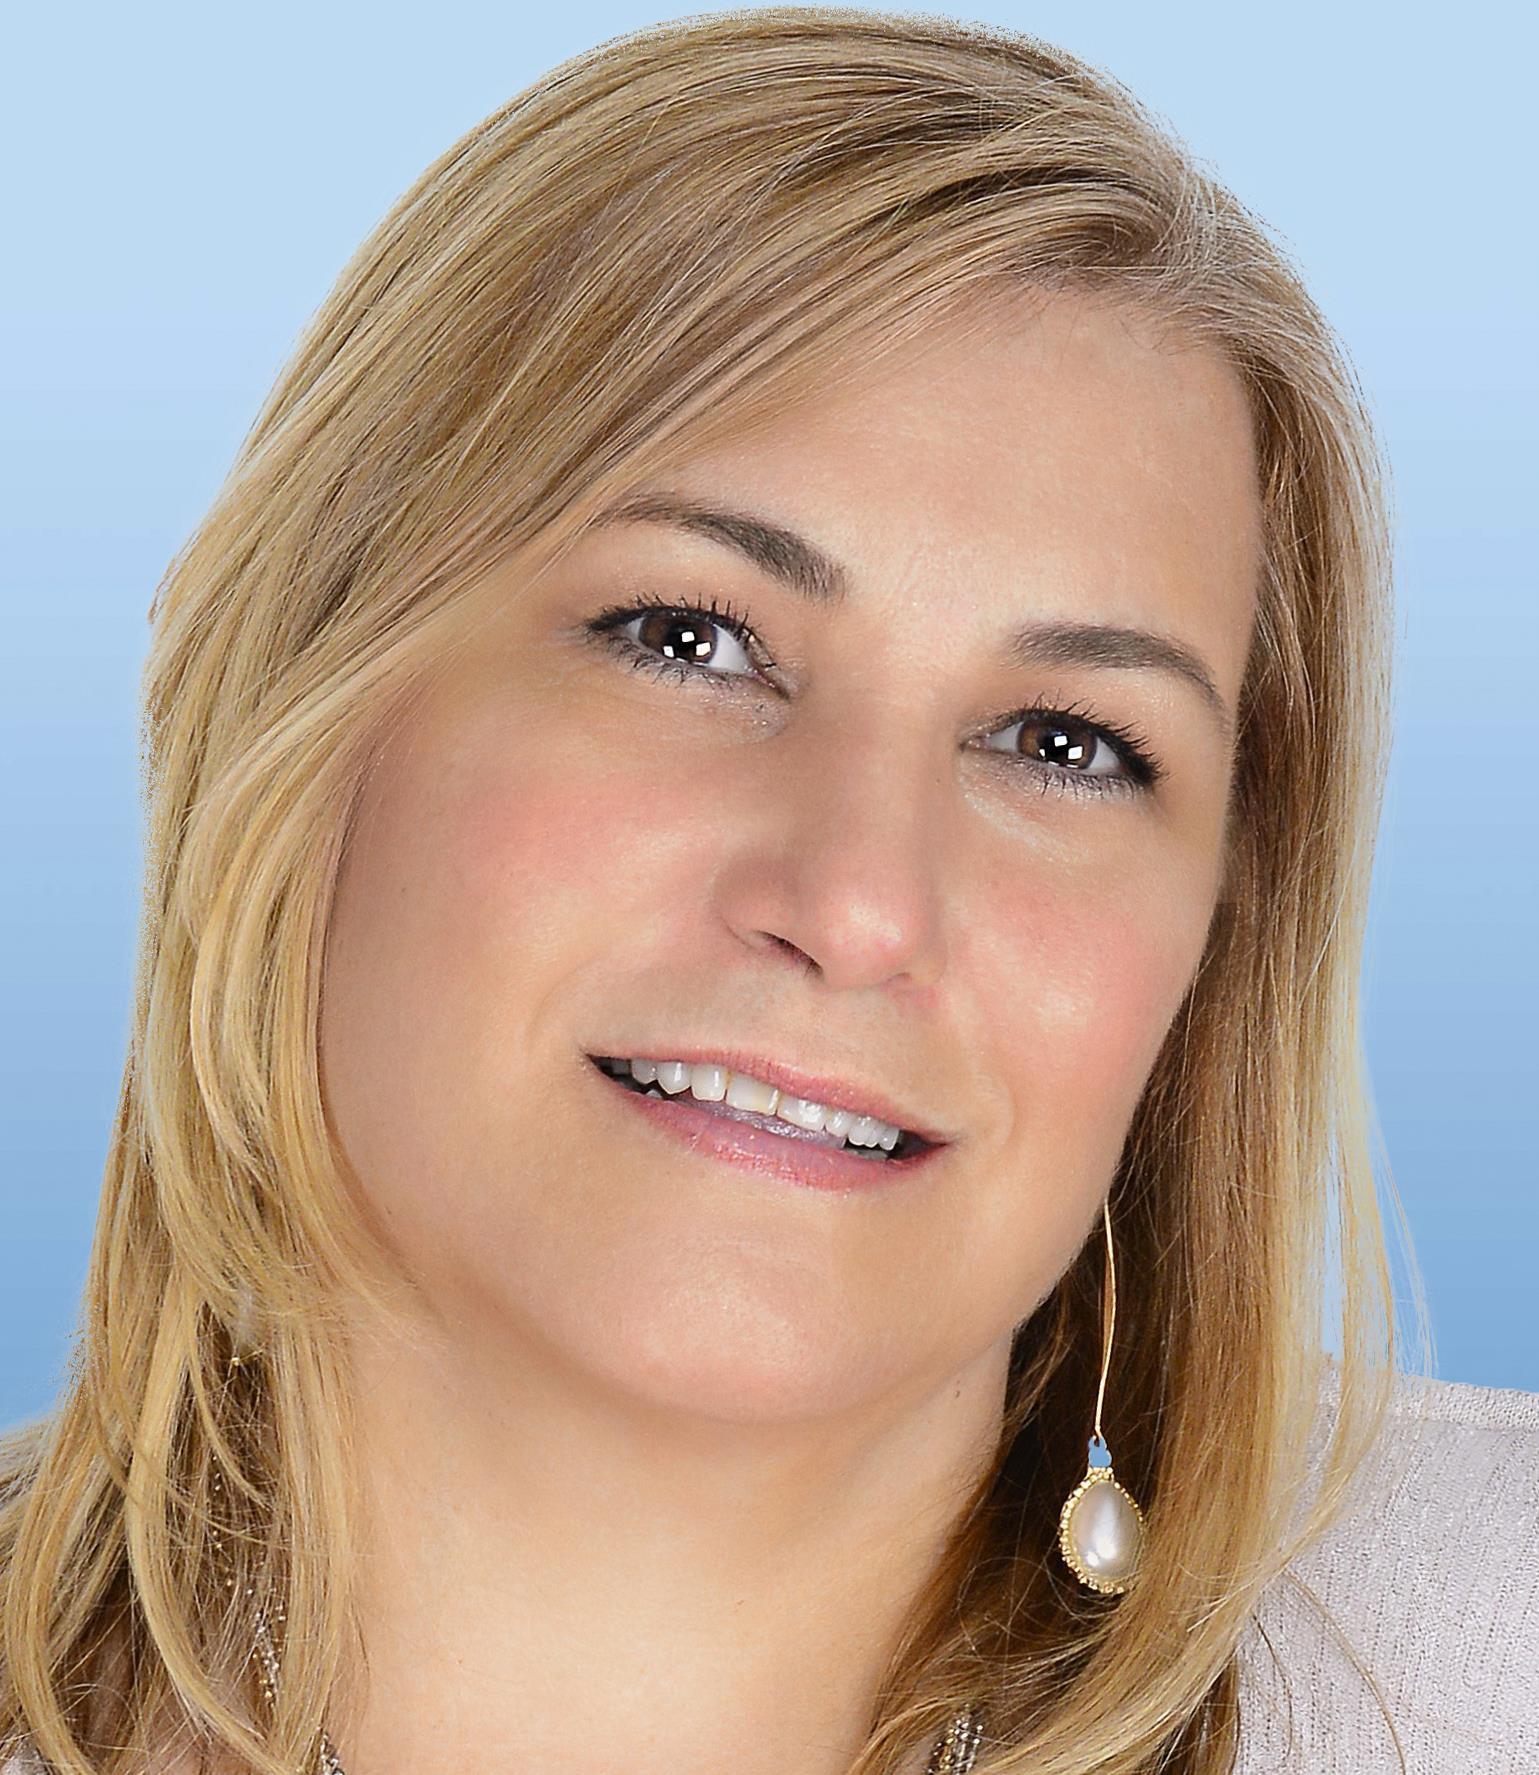 Annmarie DeGeorge